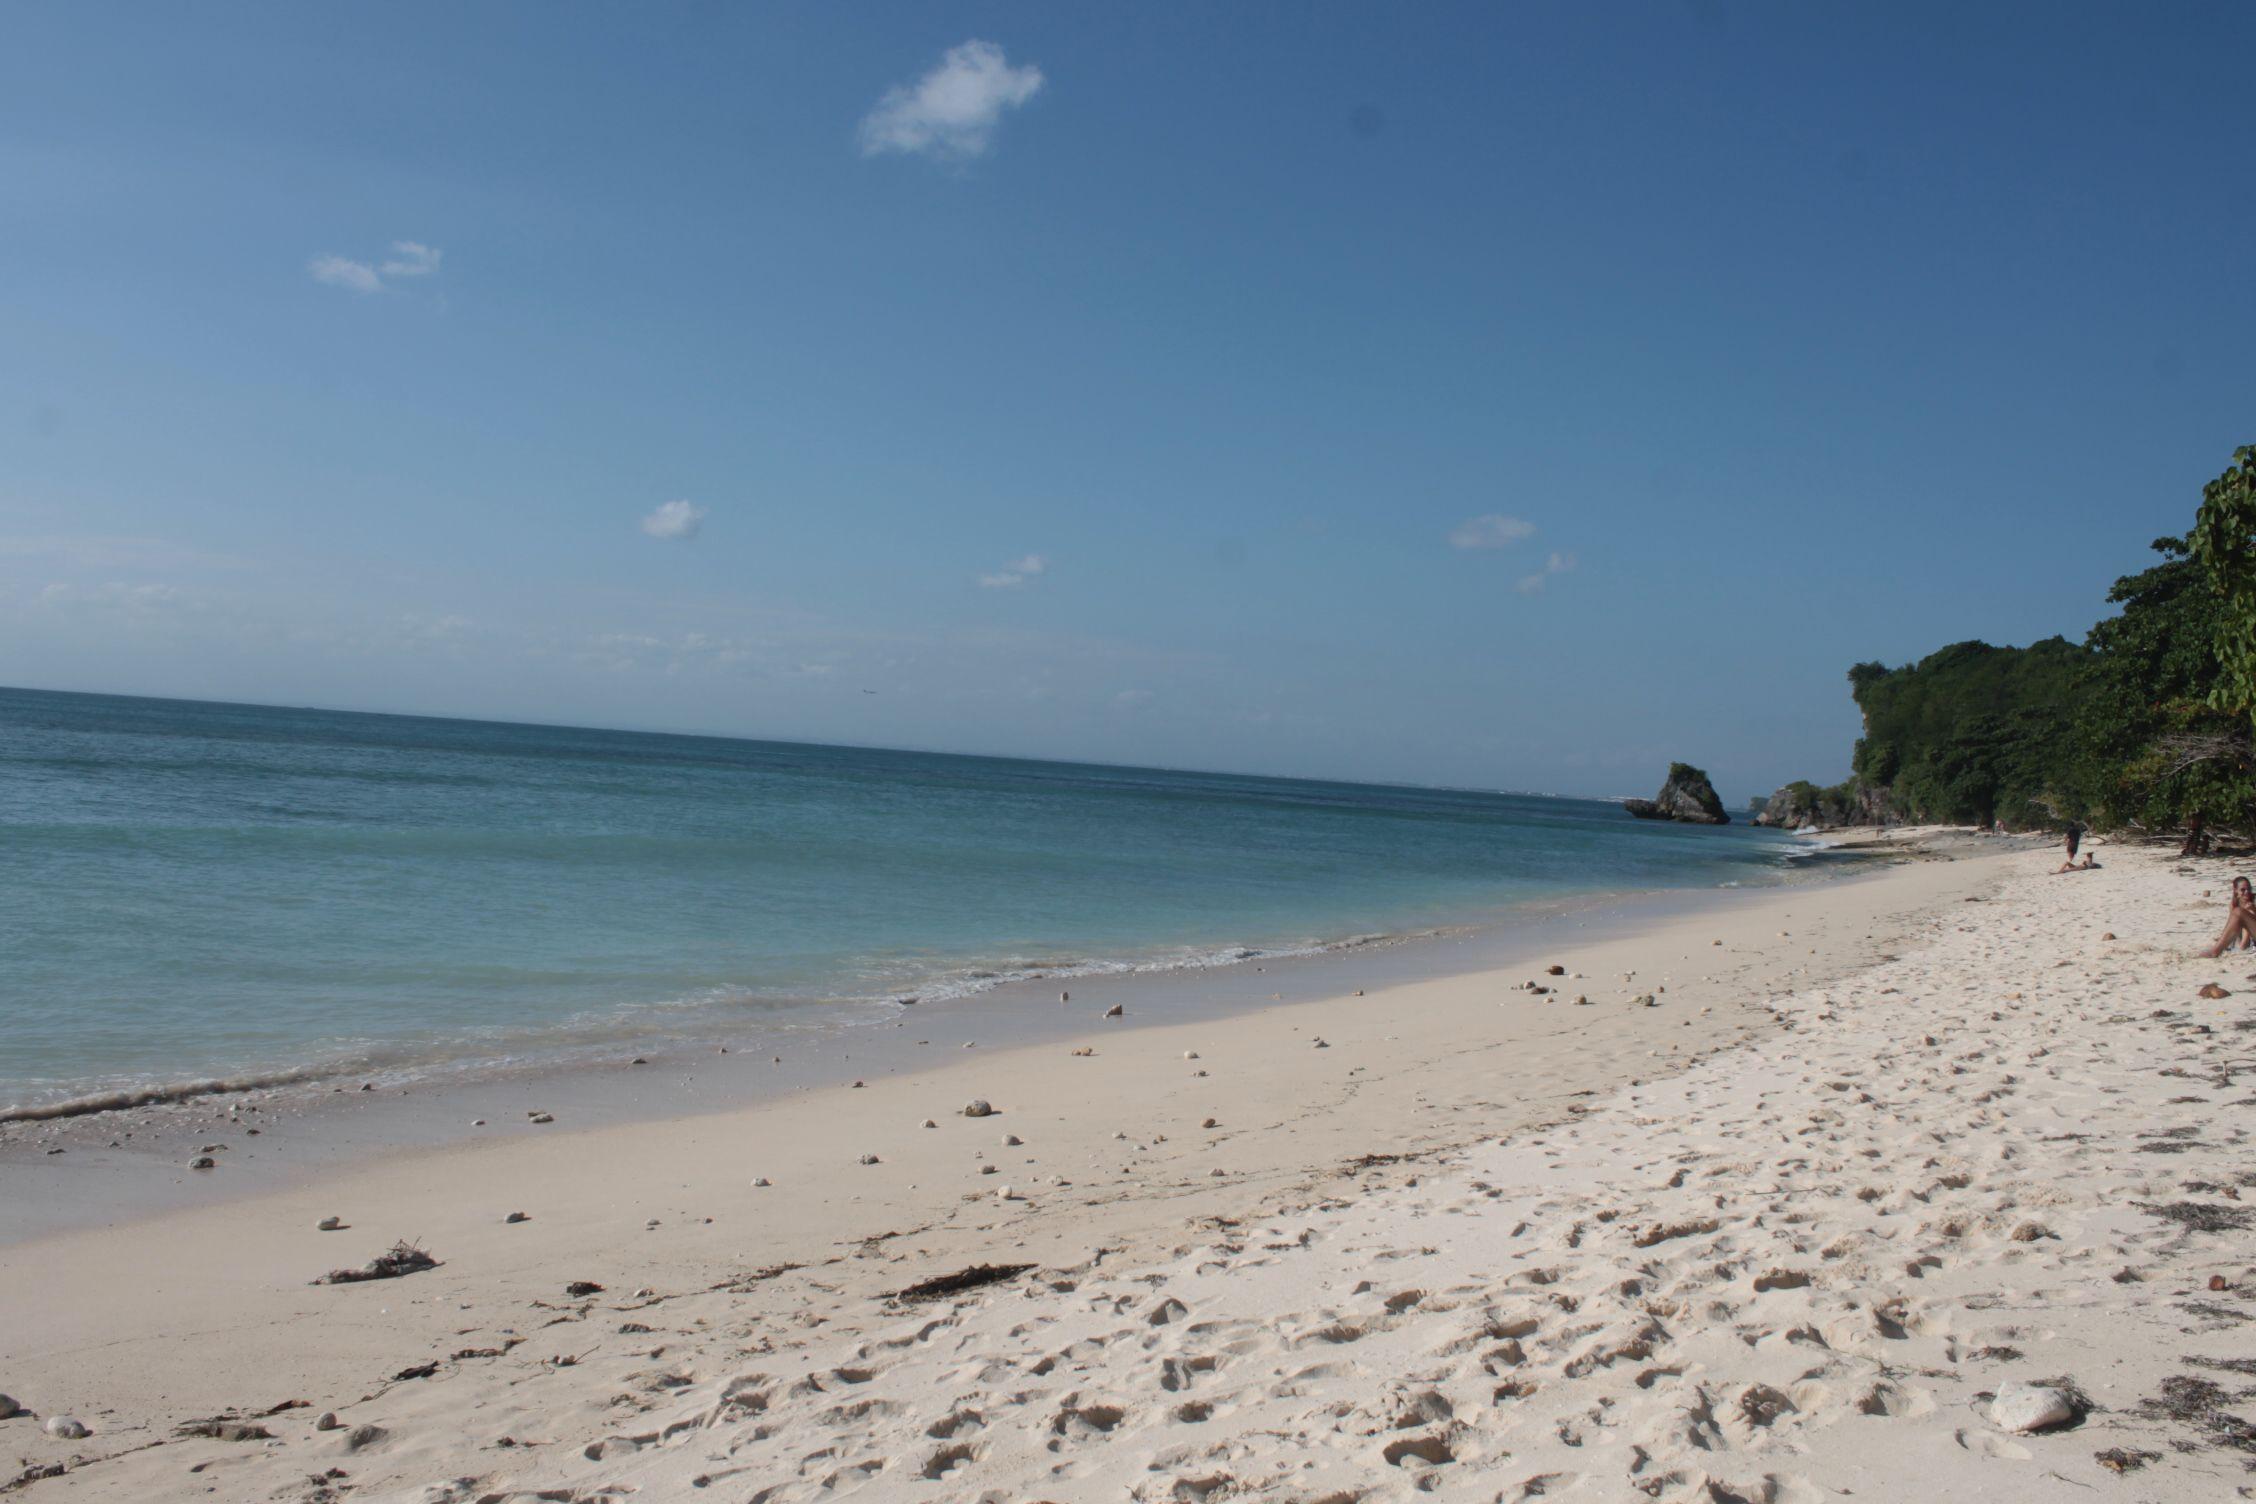 La larga playa de Padang Padang